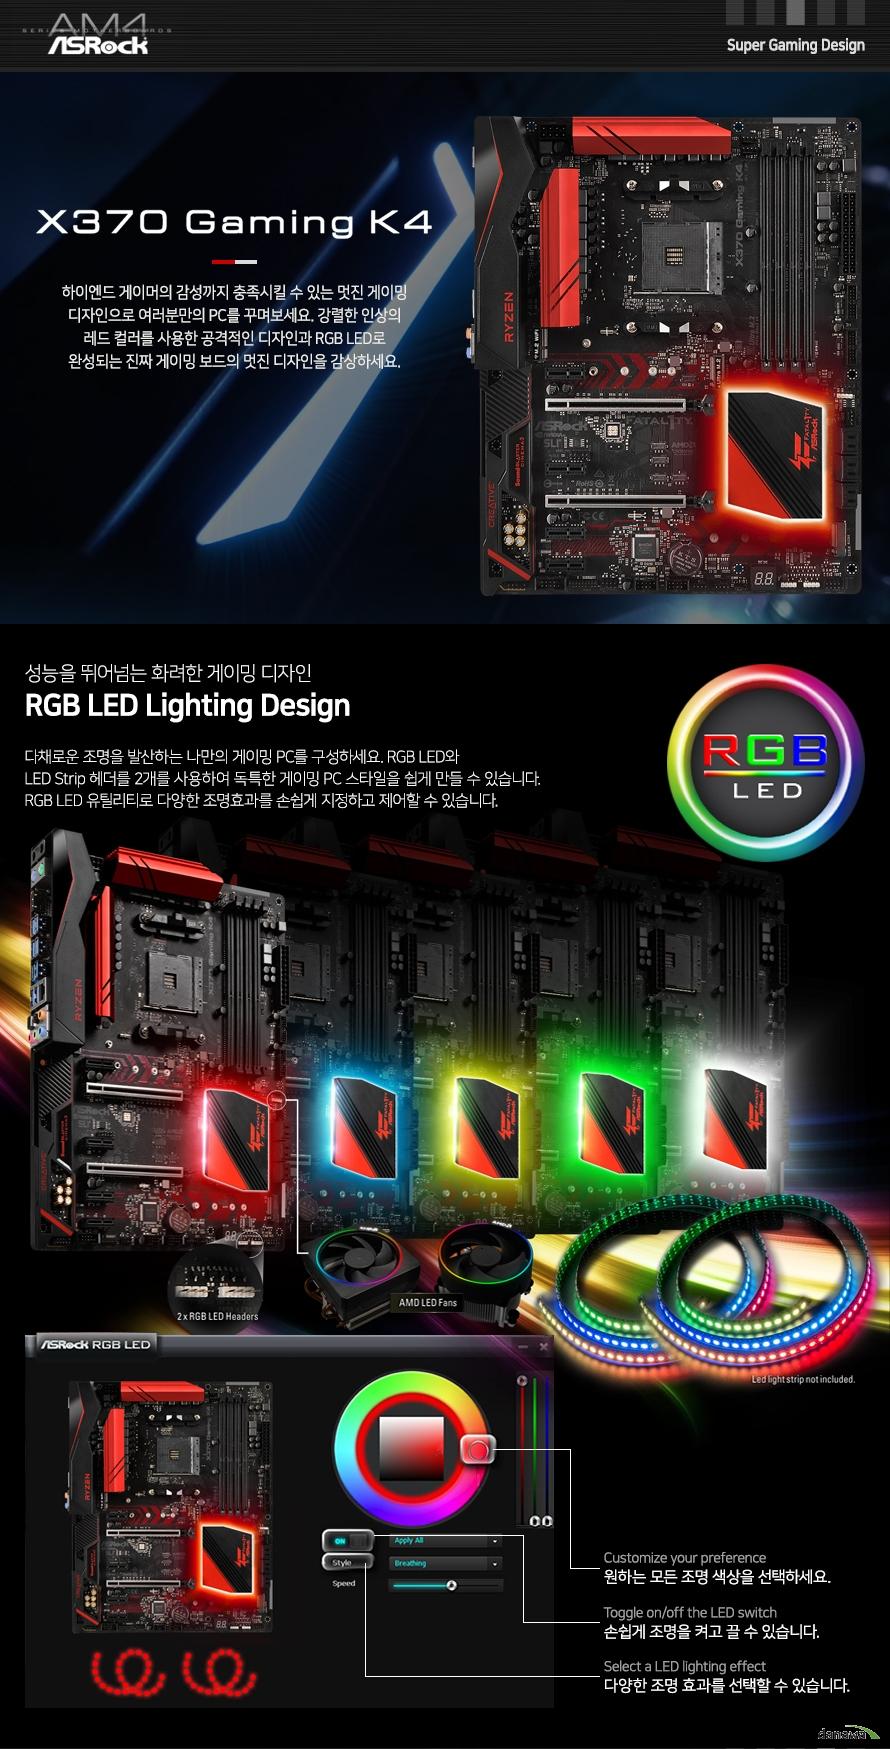 다채로운 조명을 발산하는 나만의 게이밍 PC를 구성하세요. RGB LED와 LED Strip 헤더를 2개를 사용하여 독특한 게이밍 PC 스타일을 쉽게 만들 수 있습니다. RGB LED 유틸리티로 다양한 조명효과를 손쉽게 지정하고 제어할 수 있습니다.